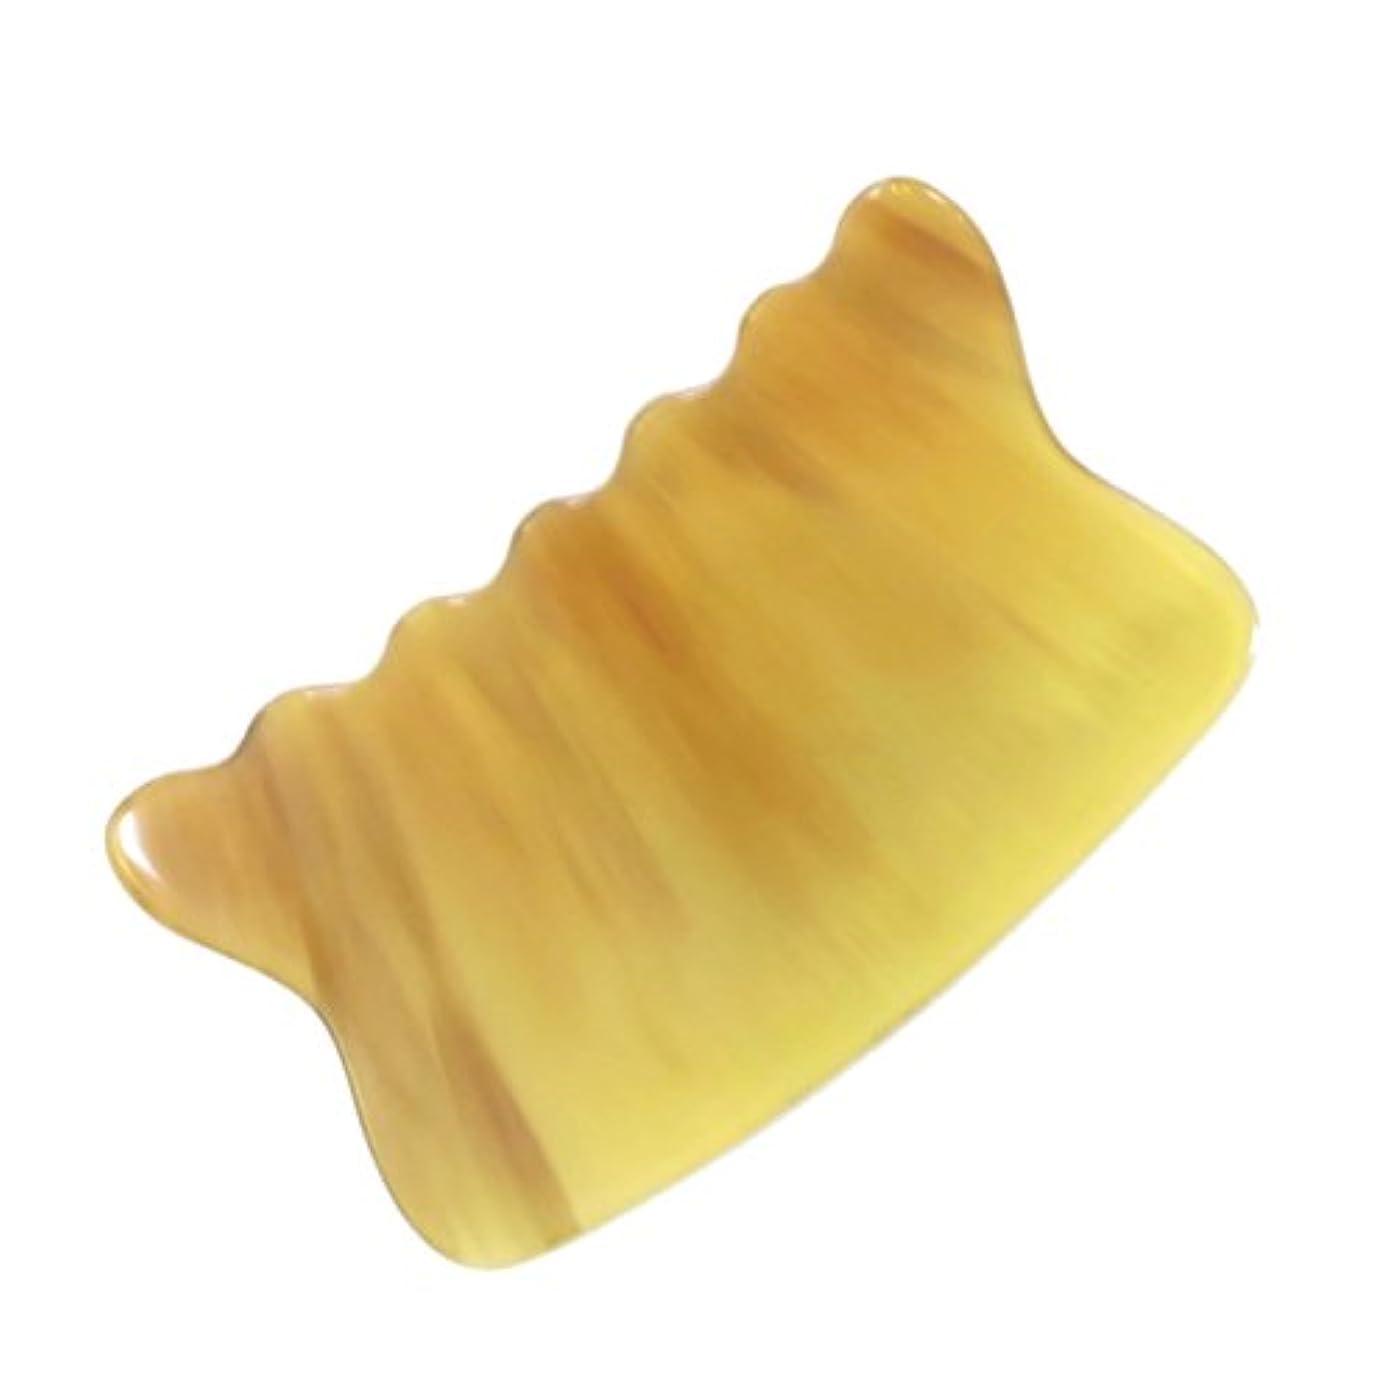 親密なお願いしますモスクかっさ プレート 希少62 黄水牛角 極美品 曲波型